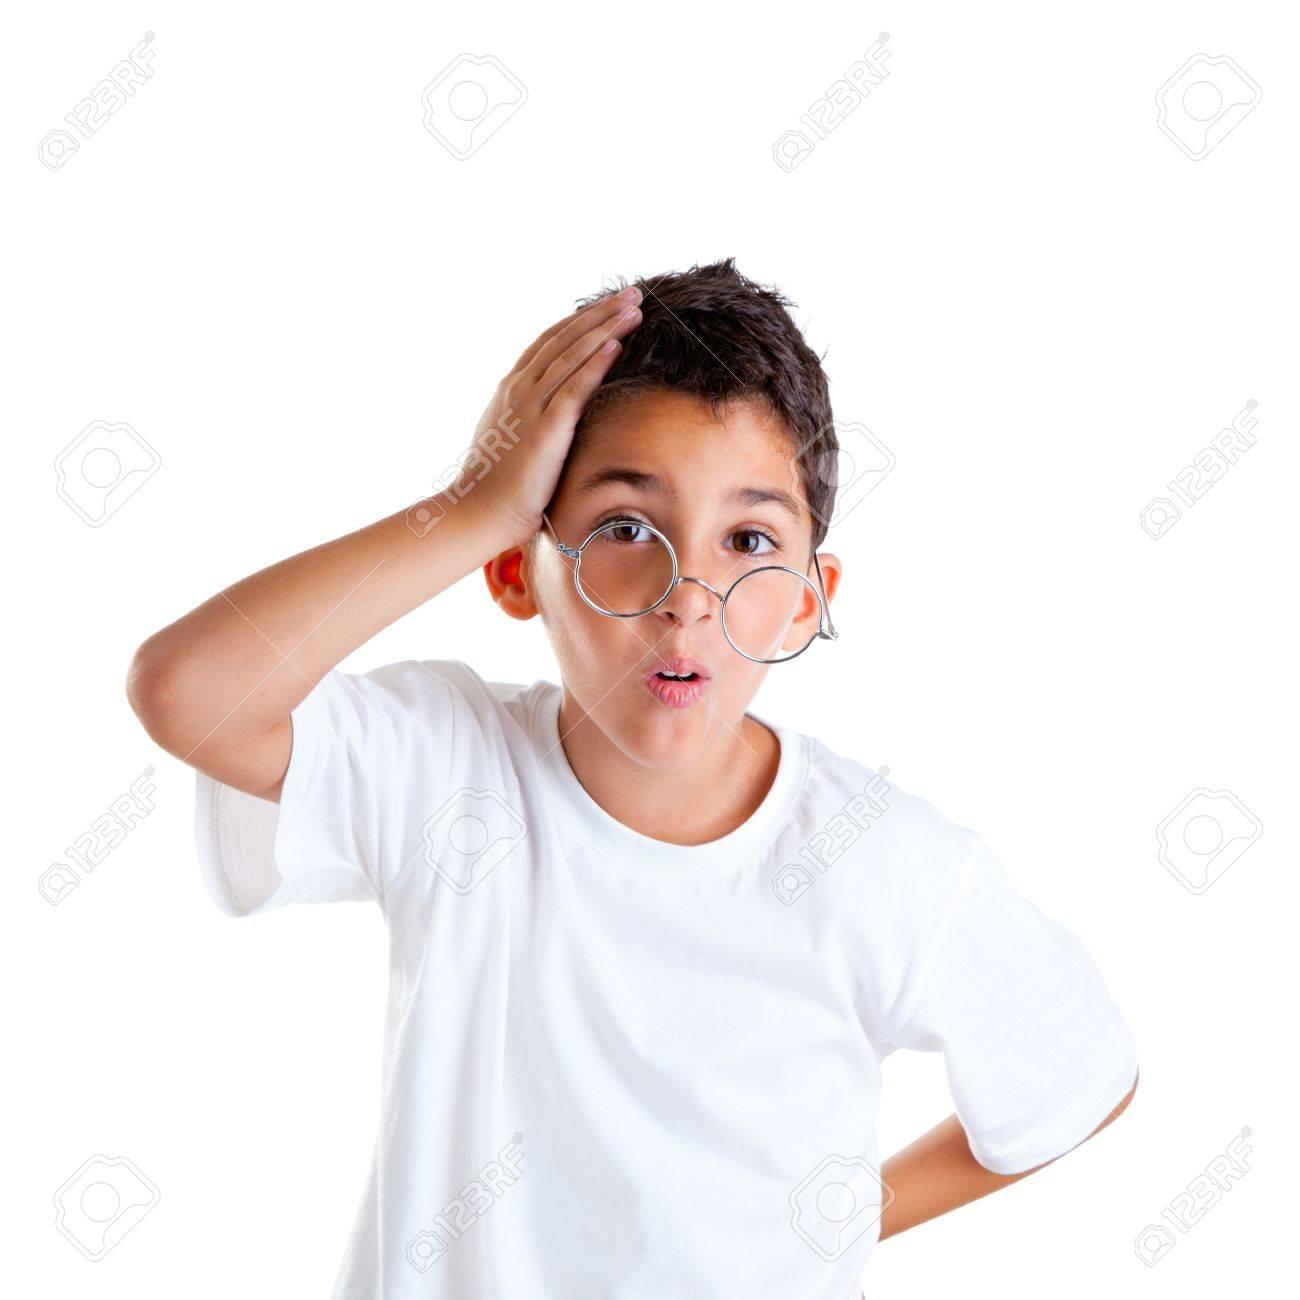 226ef5c0e8069e Kinderen nerd jongen jongen met bril en domme uitdrukking op wit wordt geïsoleerd  Stockfoto - 12382353